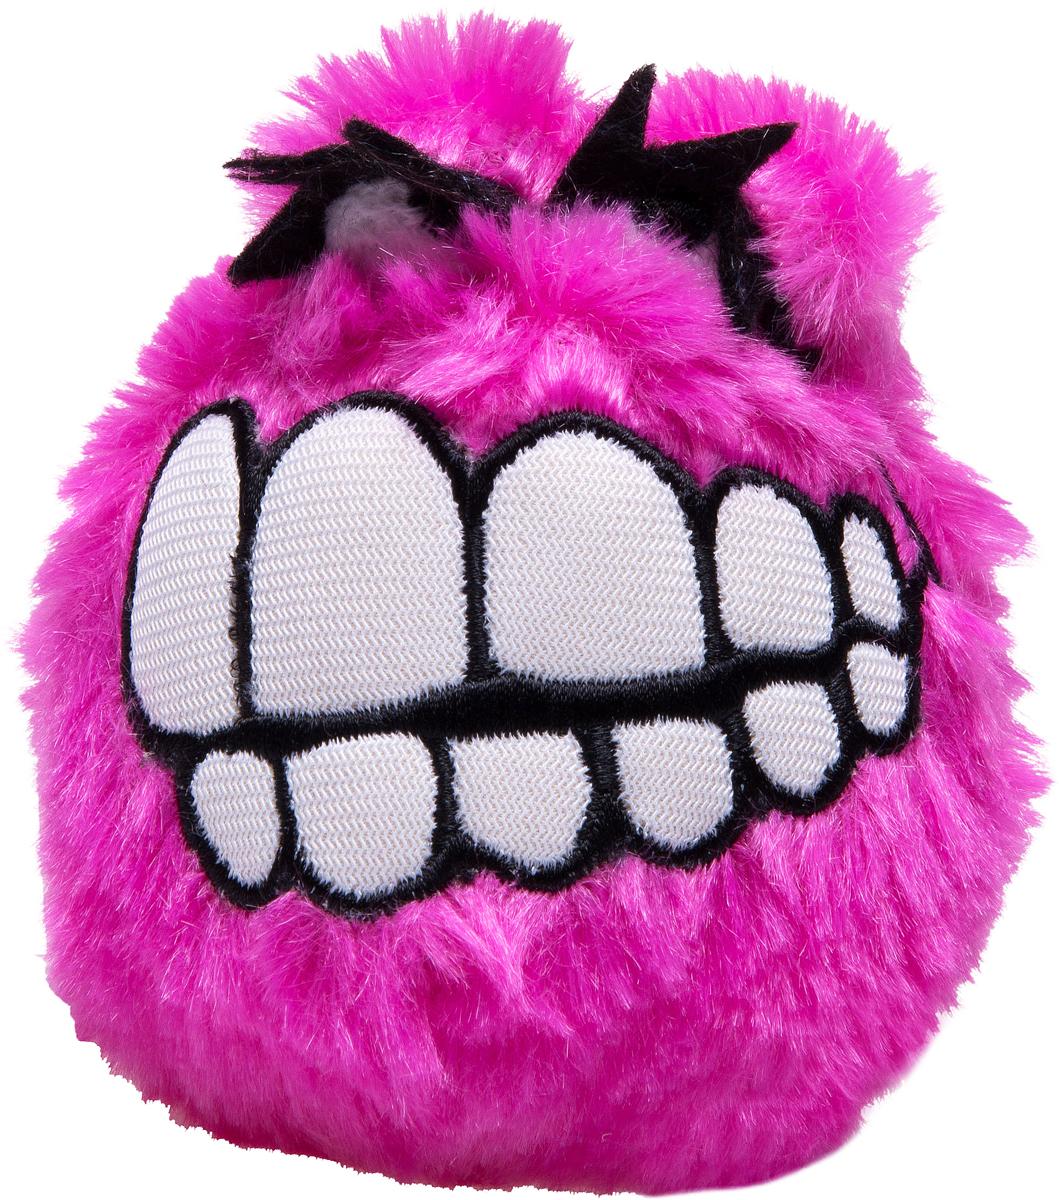 Игрушка для собак Rogz  Fluffy Grinz. Зубы , цвет: розовый, диаметр 6,4 см - Игрушки